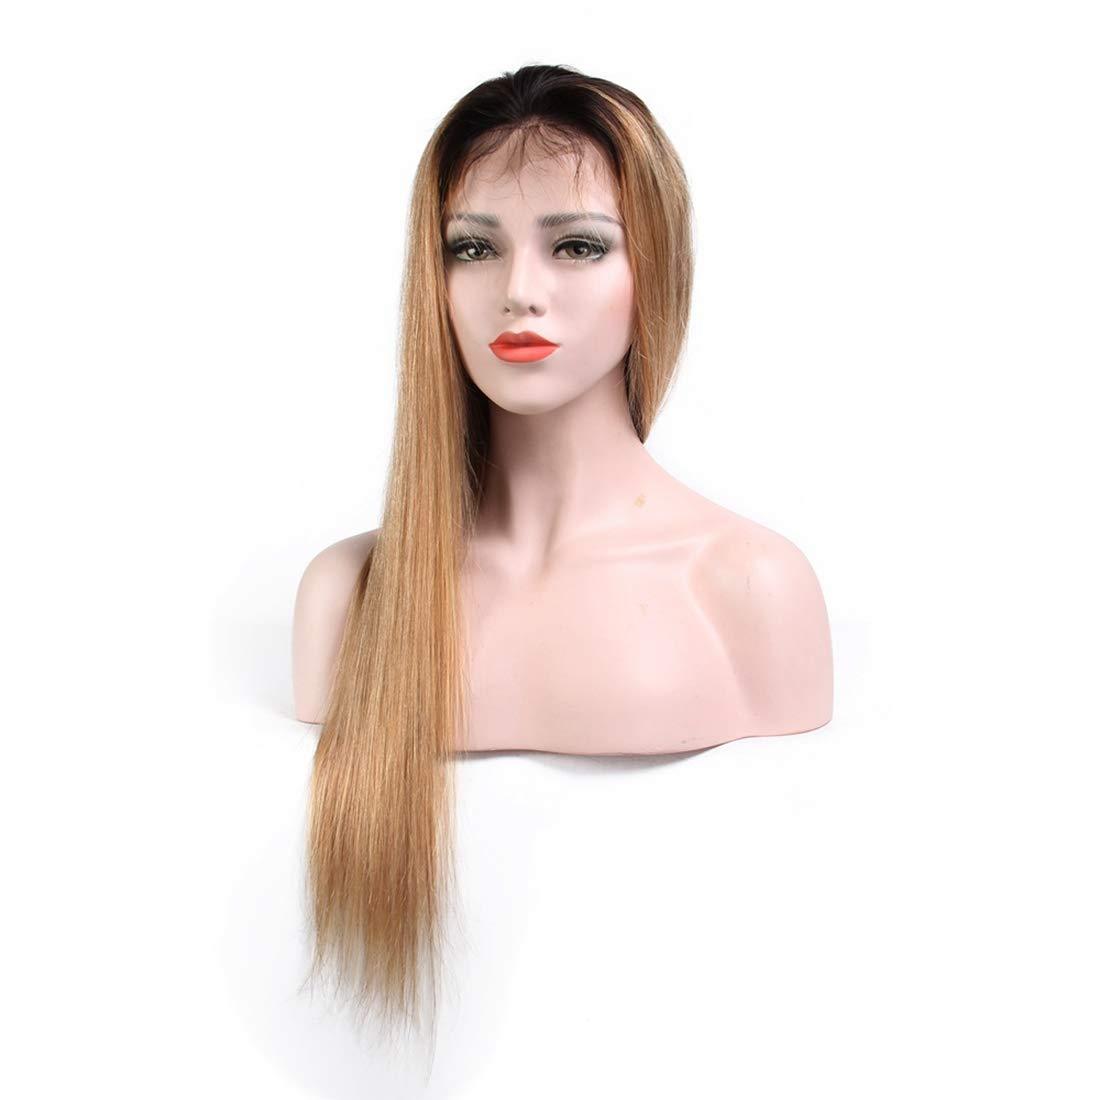 WAVENI Peluca Recta de la Peluca del Frente del Pelo del Pelo Recto de la Peluca del Pelo Recto de 100% del Pelo Verdadero de la Peluca (Size : 16 Inch)